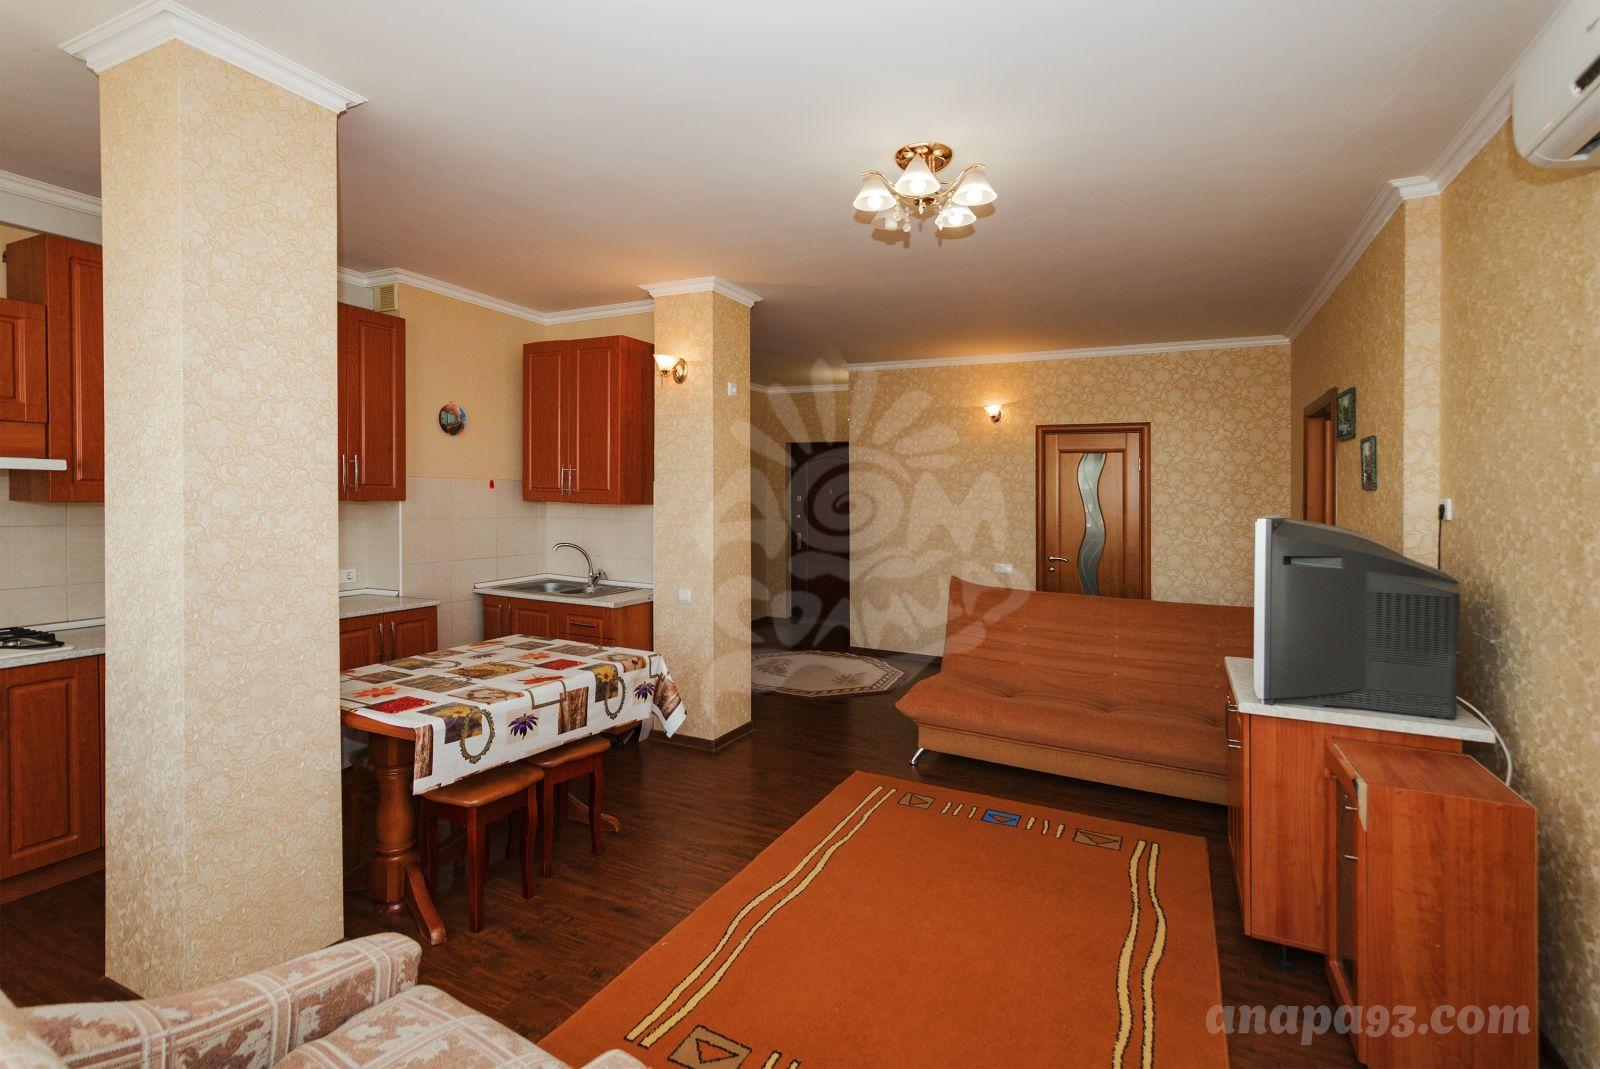 купить двухкомнатную квартиру в анапе у моря от собственника недорого